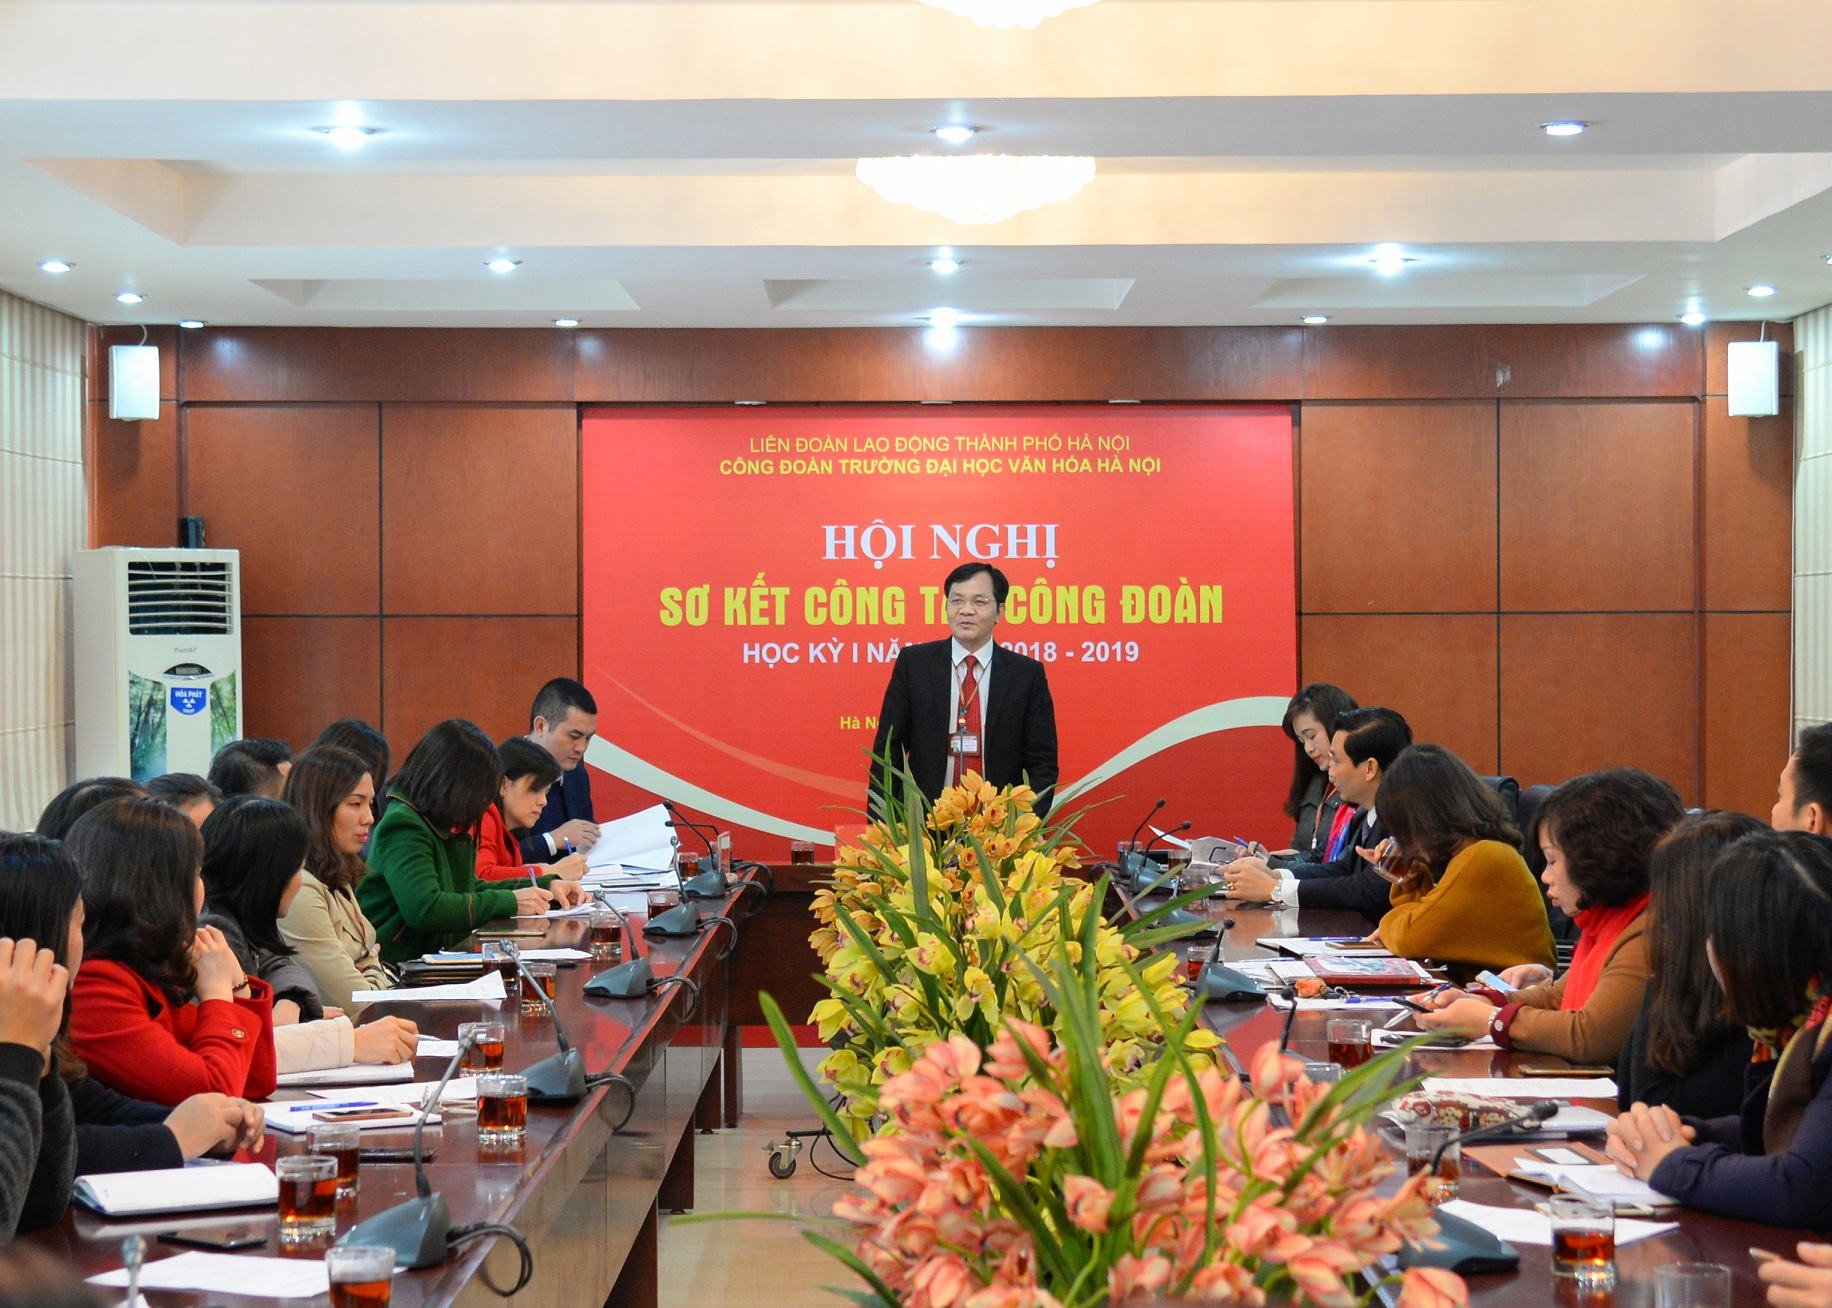 Hội nghị sơ kết hoạt động Công đoàn học kỳ I năm học 2018-2019